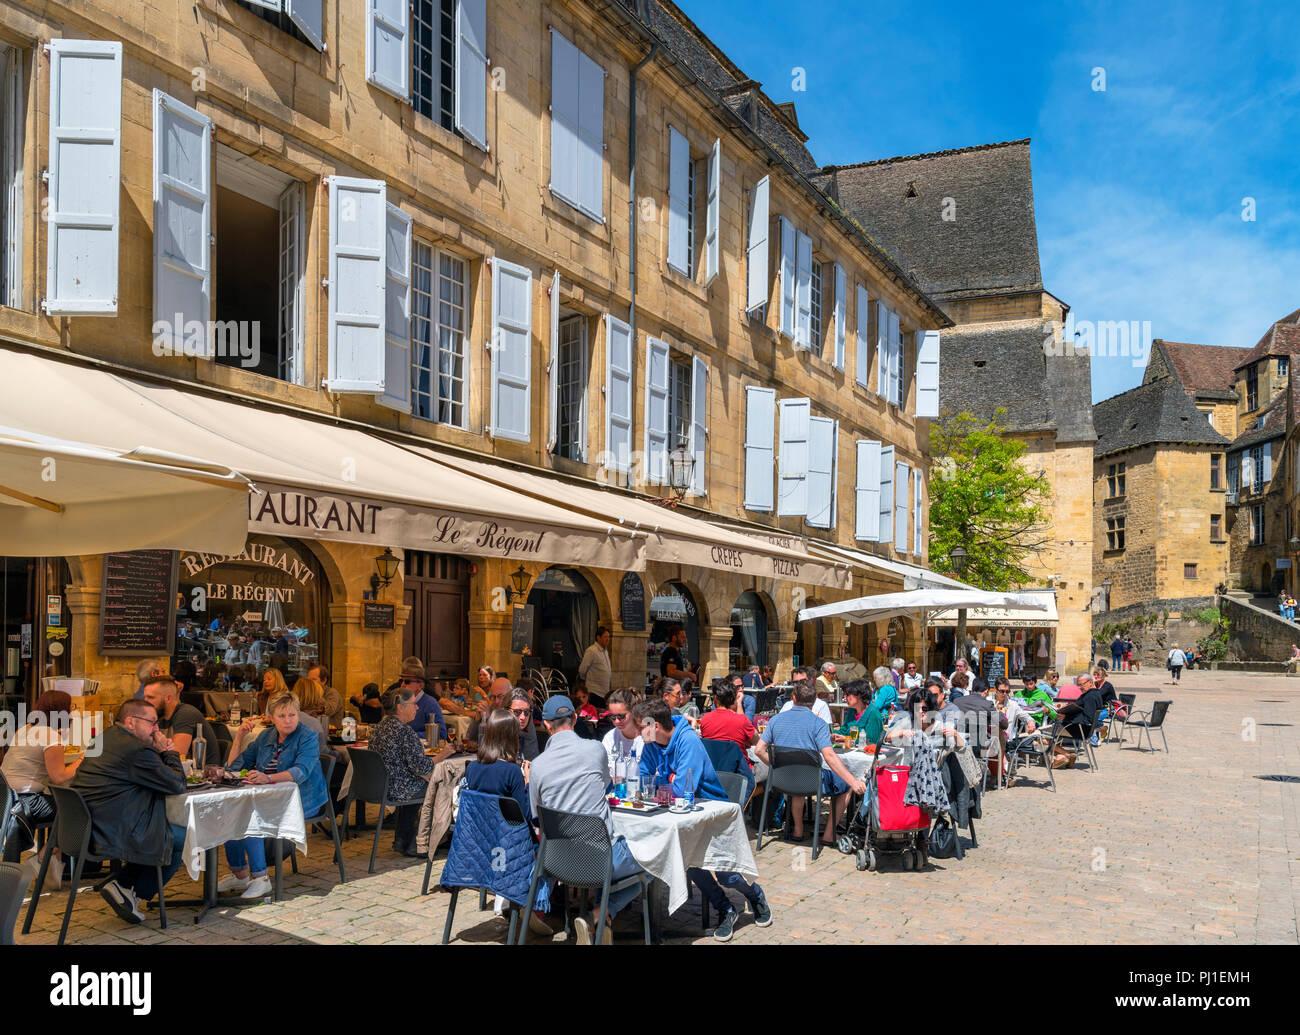 Restaurant Le Regent on Place de la Liberte in the old town, Sarlat, Dordogne, France Stock Photo